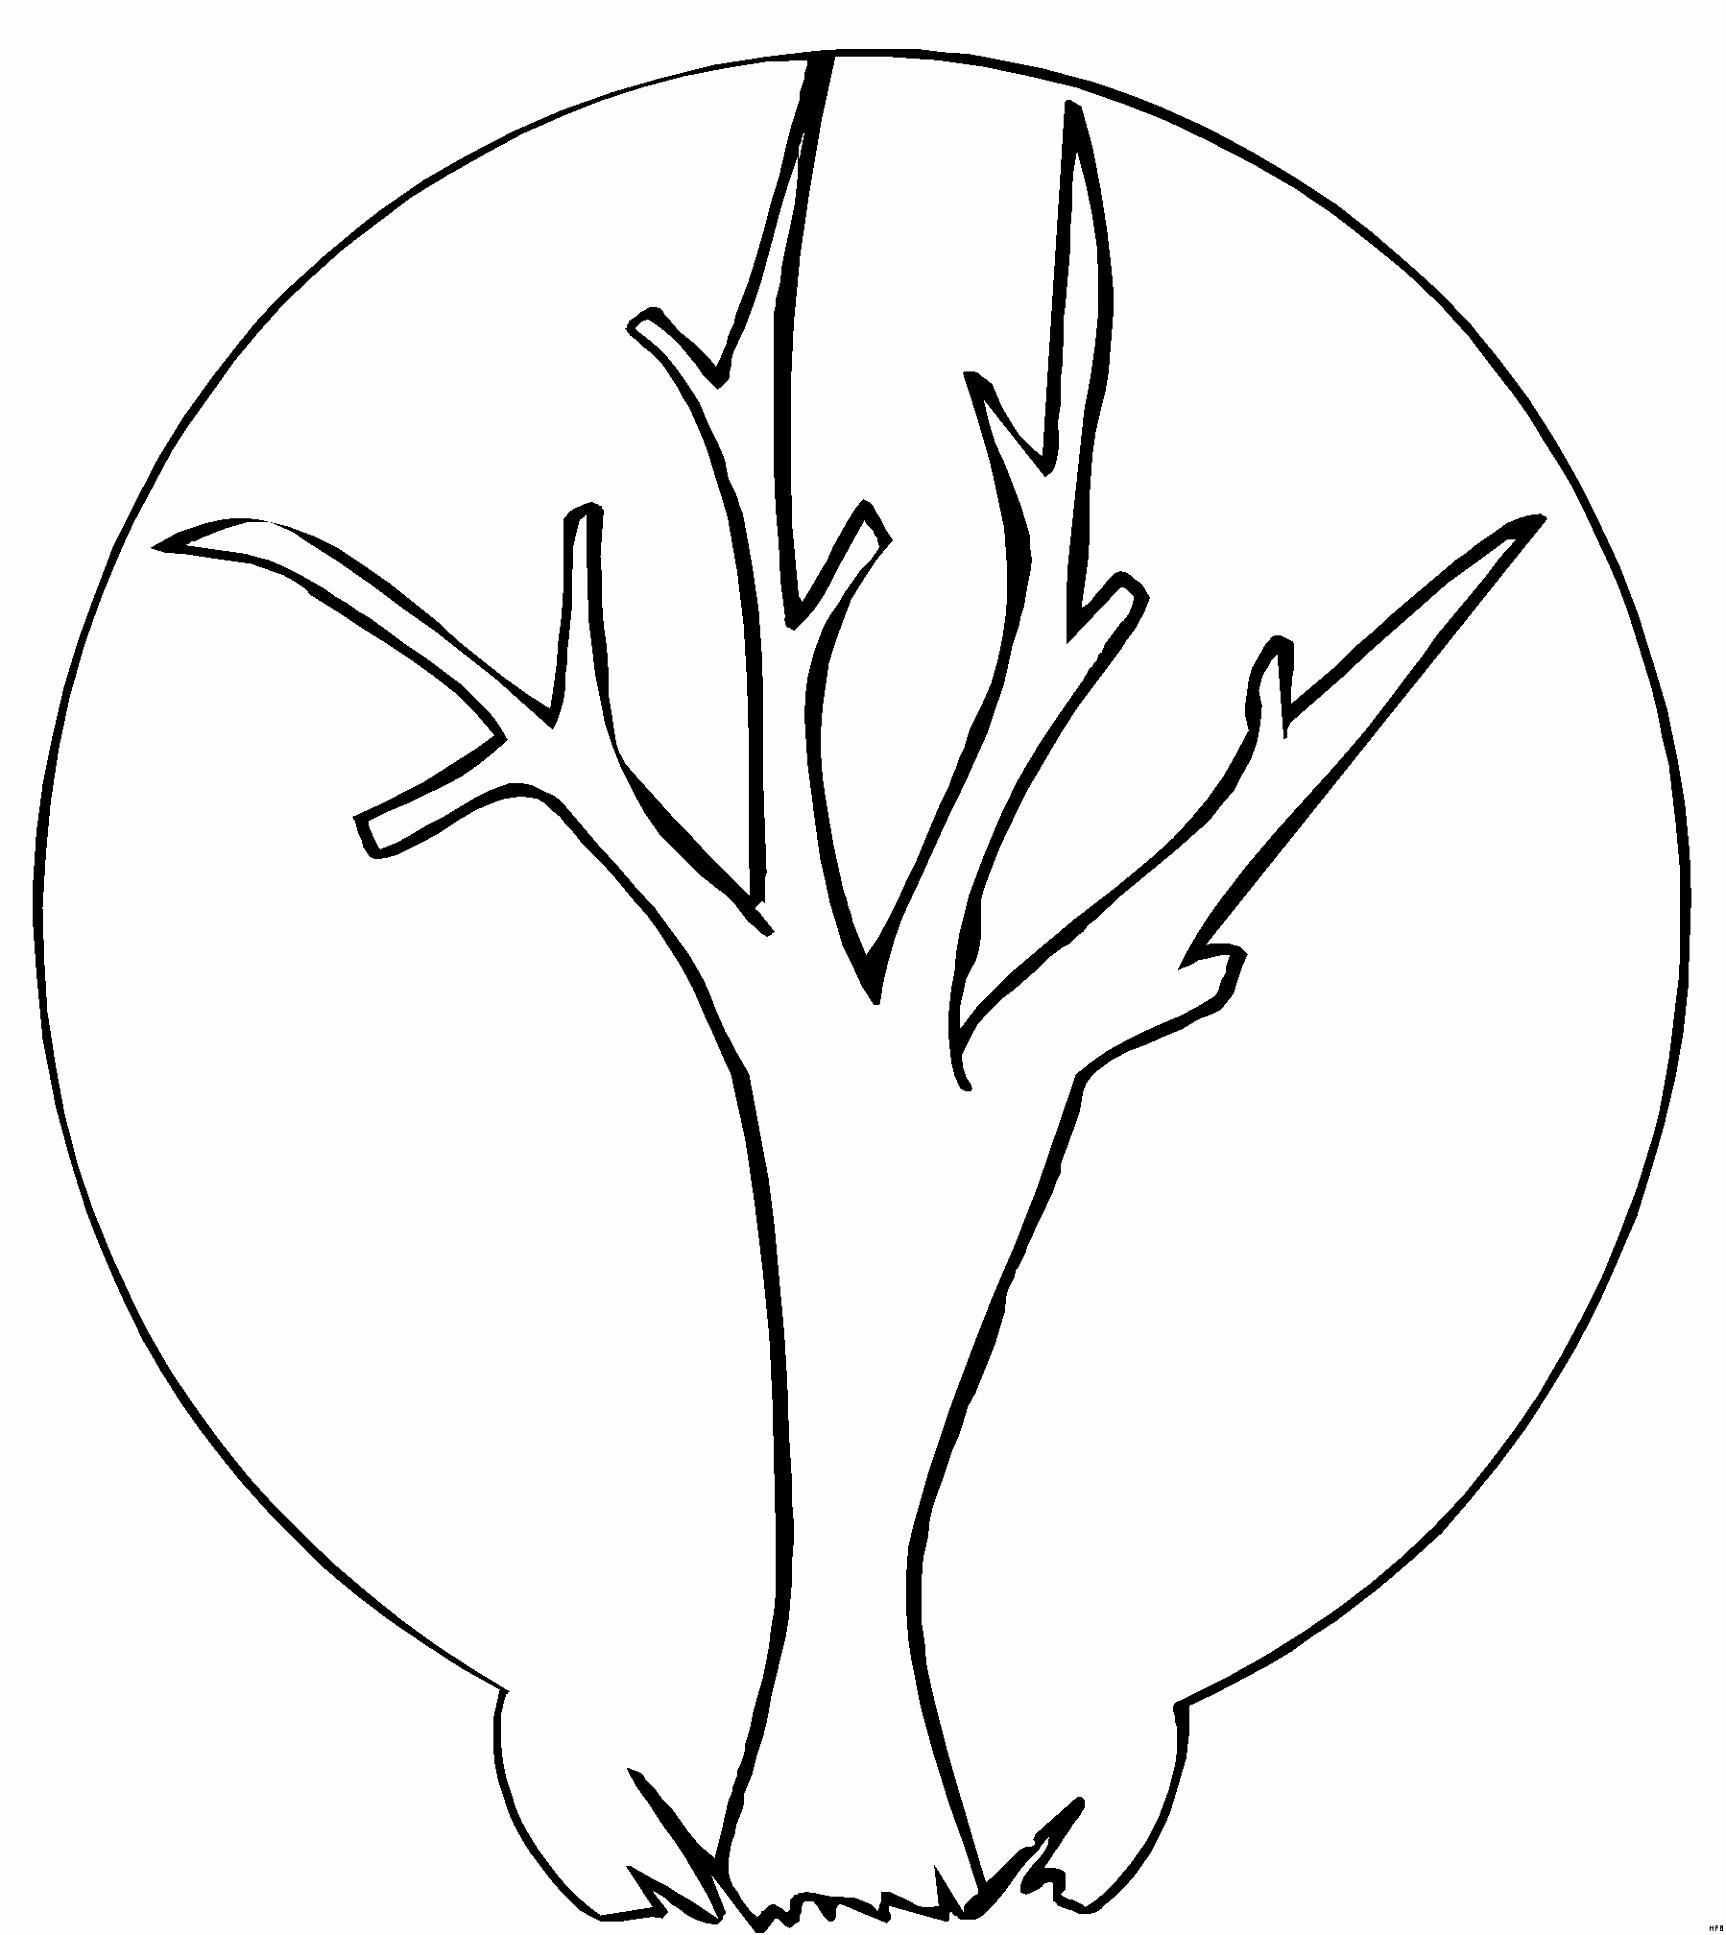 Baum Ohne Blätter Zum Ausmalen — hylenddawards